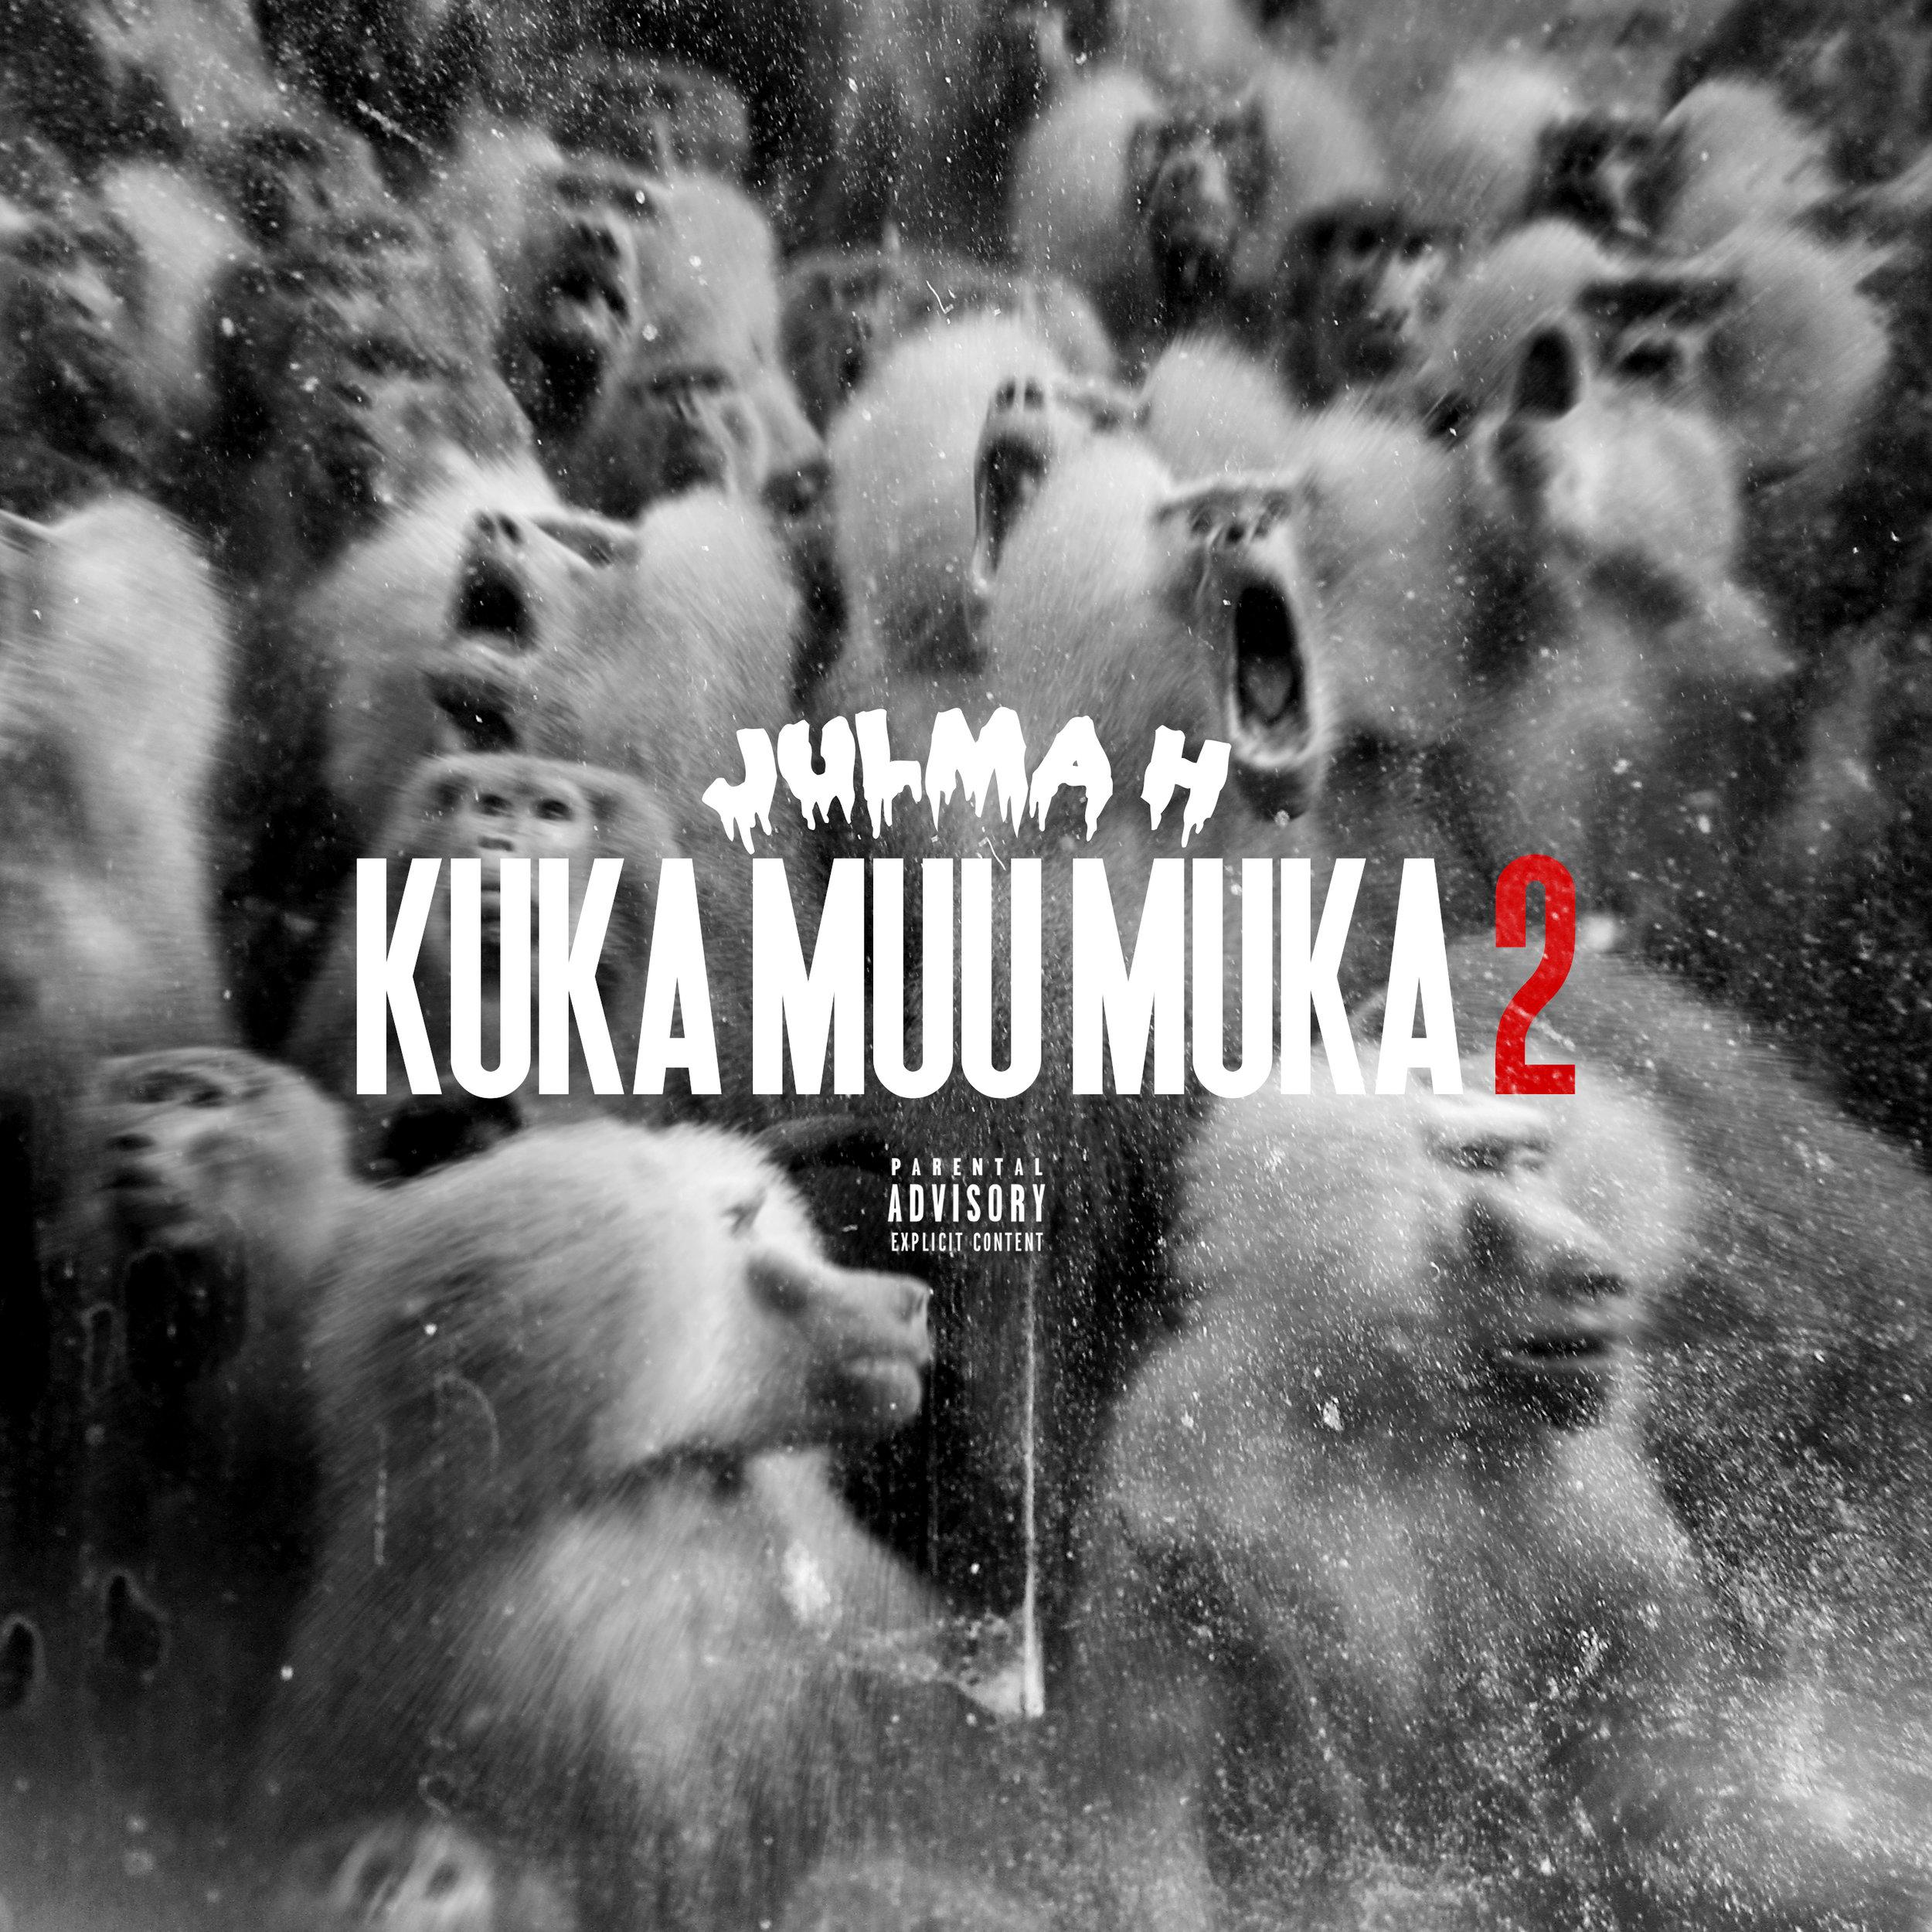 KUKA MUU MUKA 2 COVER.jpg